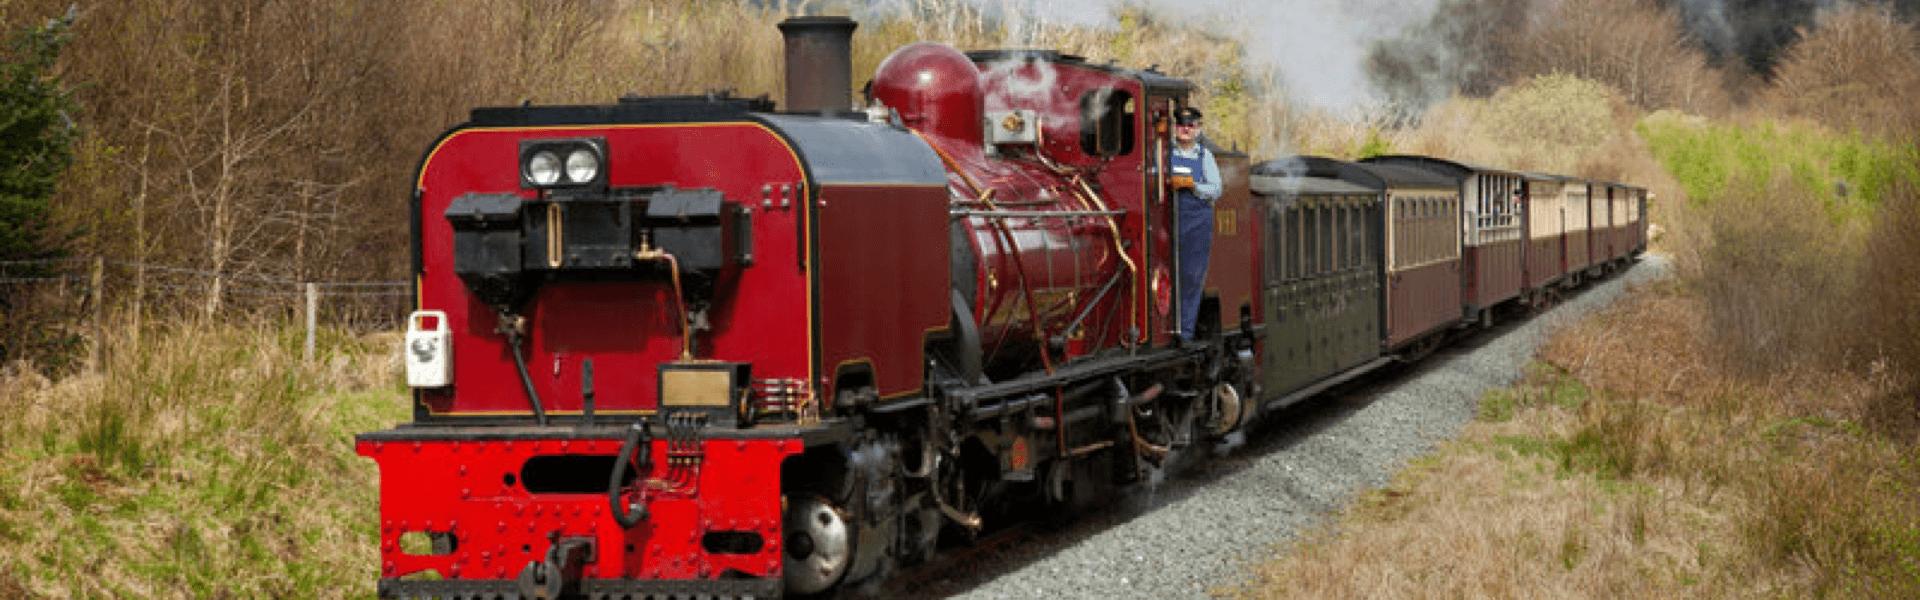 Engeland | Ontdek de stoomtreinen van Wales